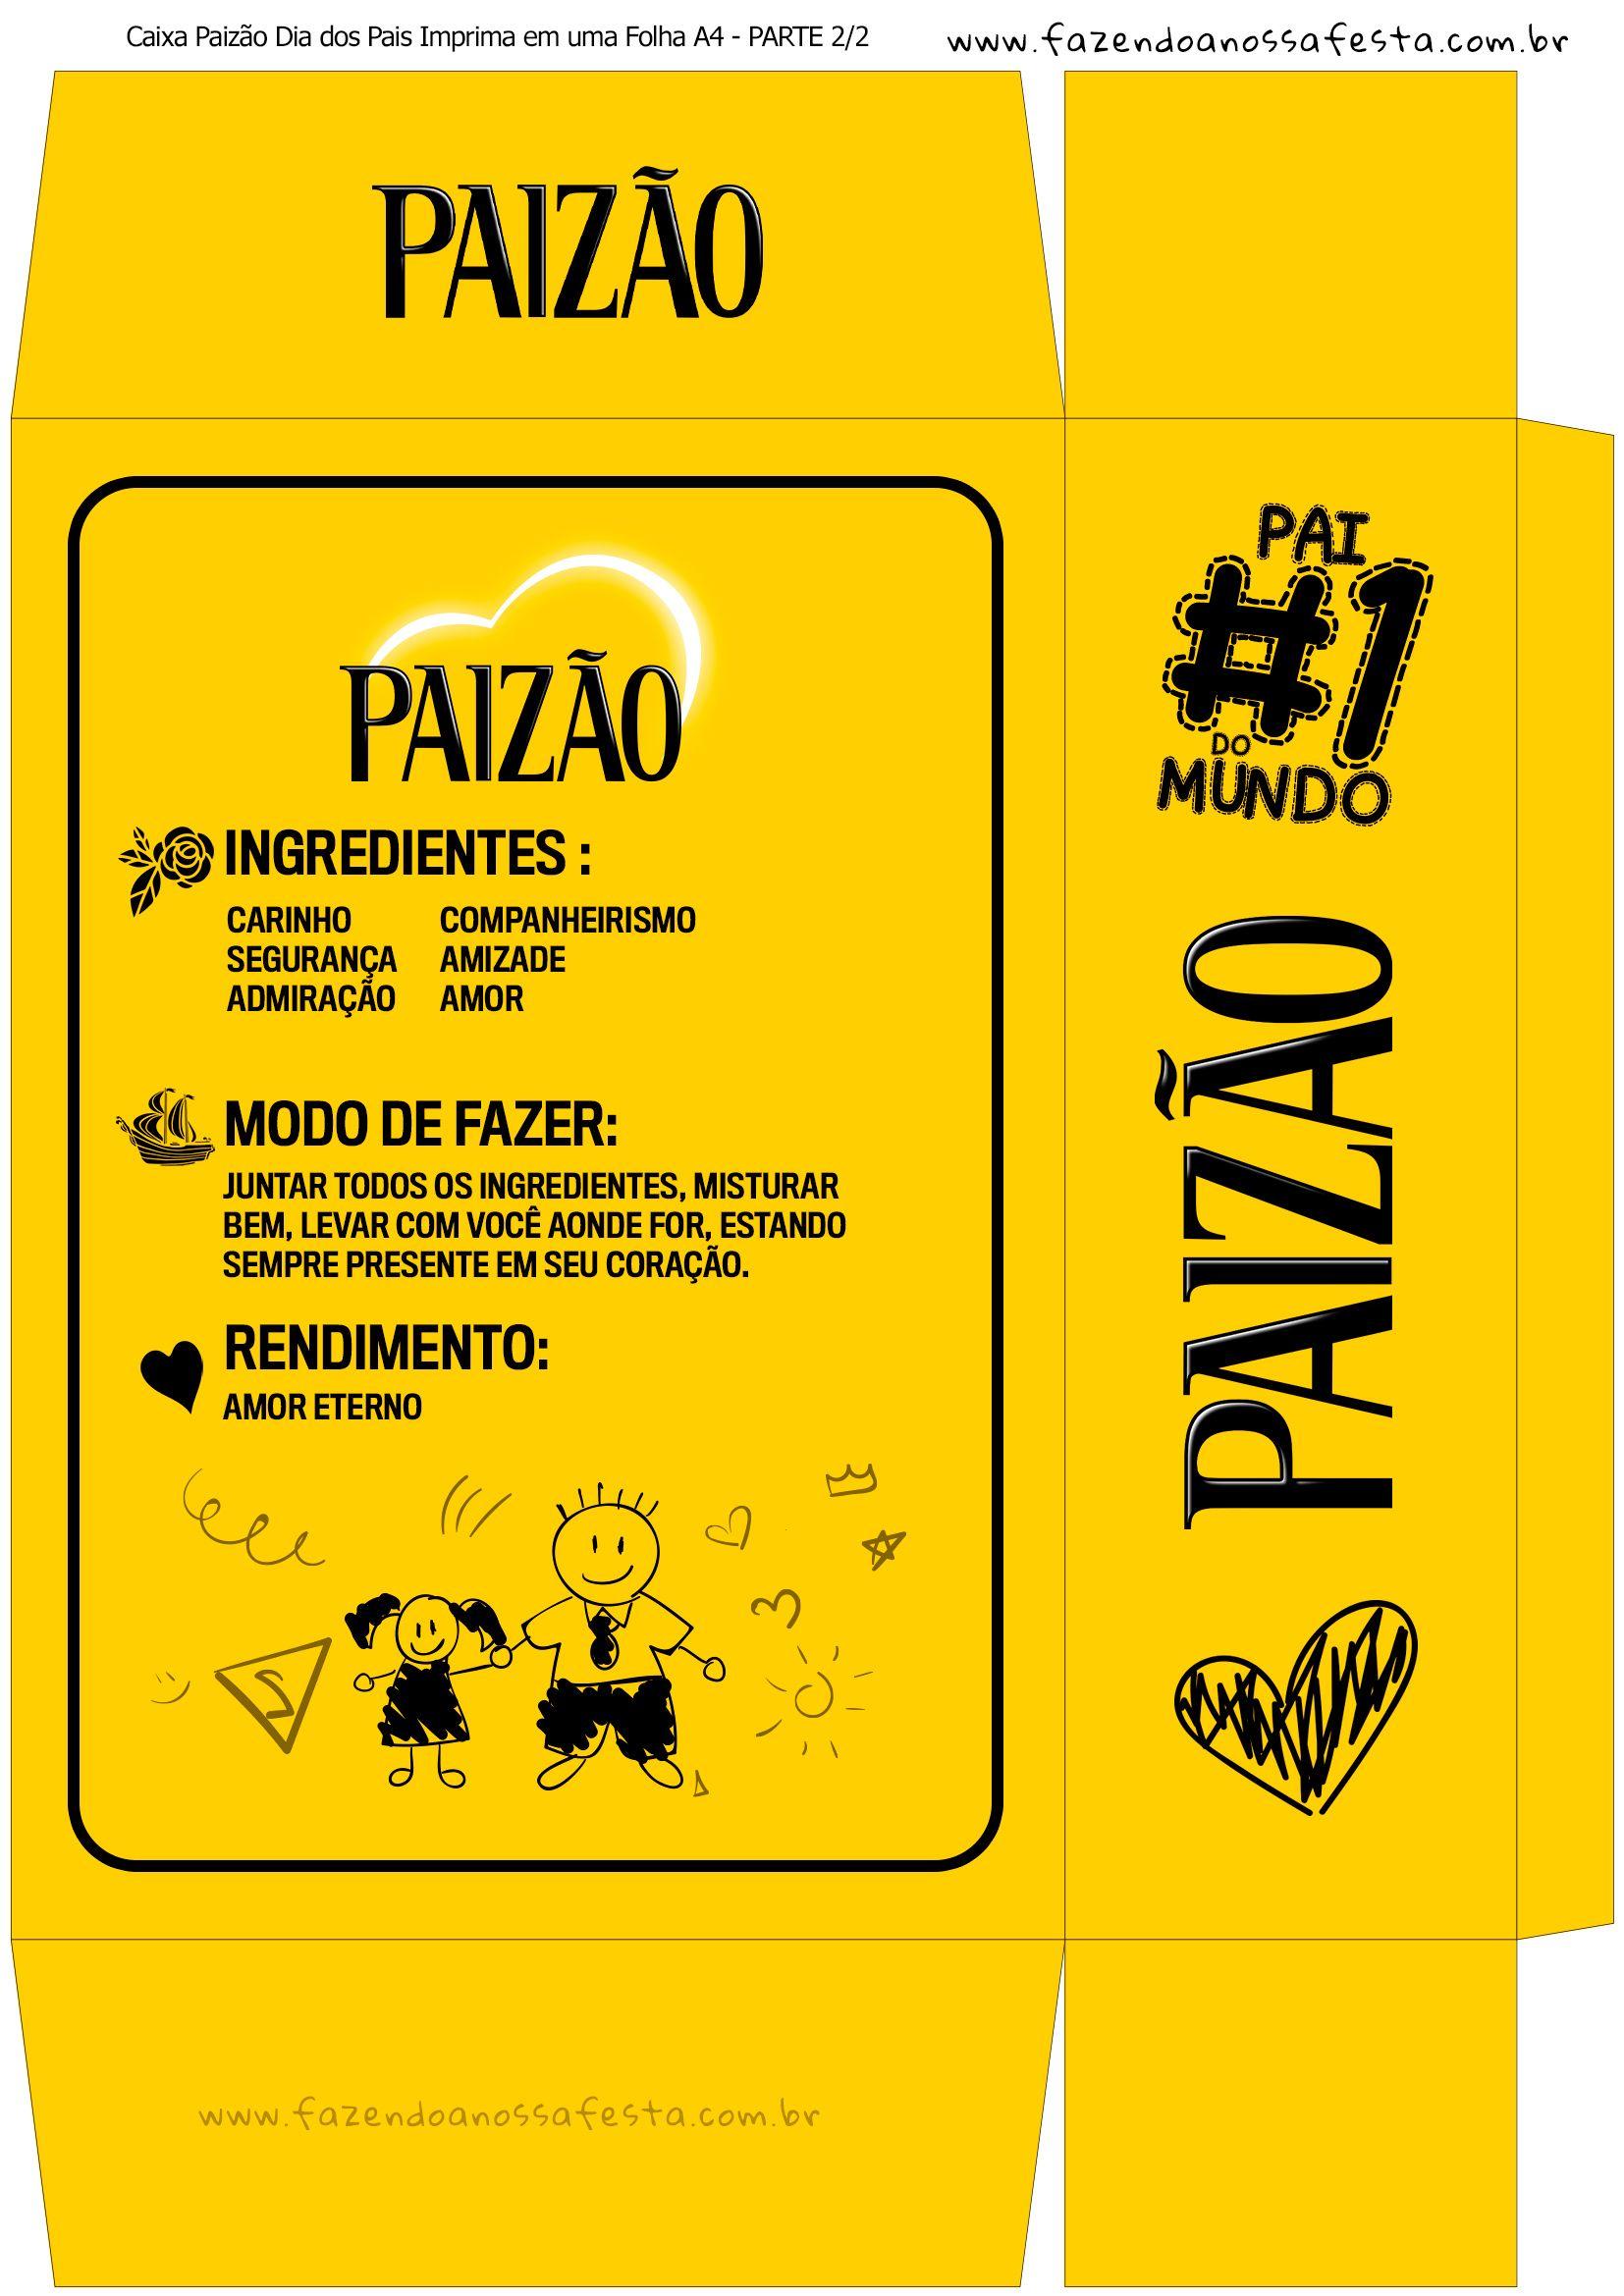 39372eb1dcbbae Caixa Paizao Presente Dia dos Pais - Amarelo Menina 2-222 | dia das ...